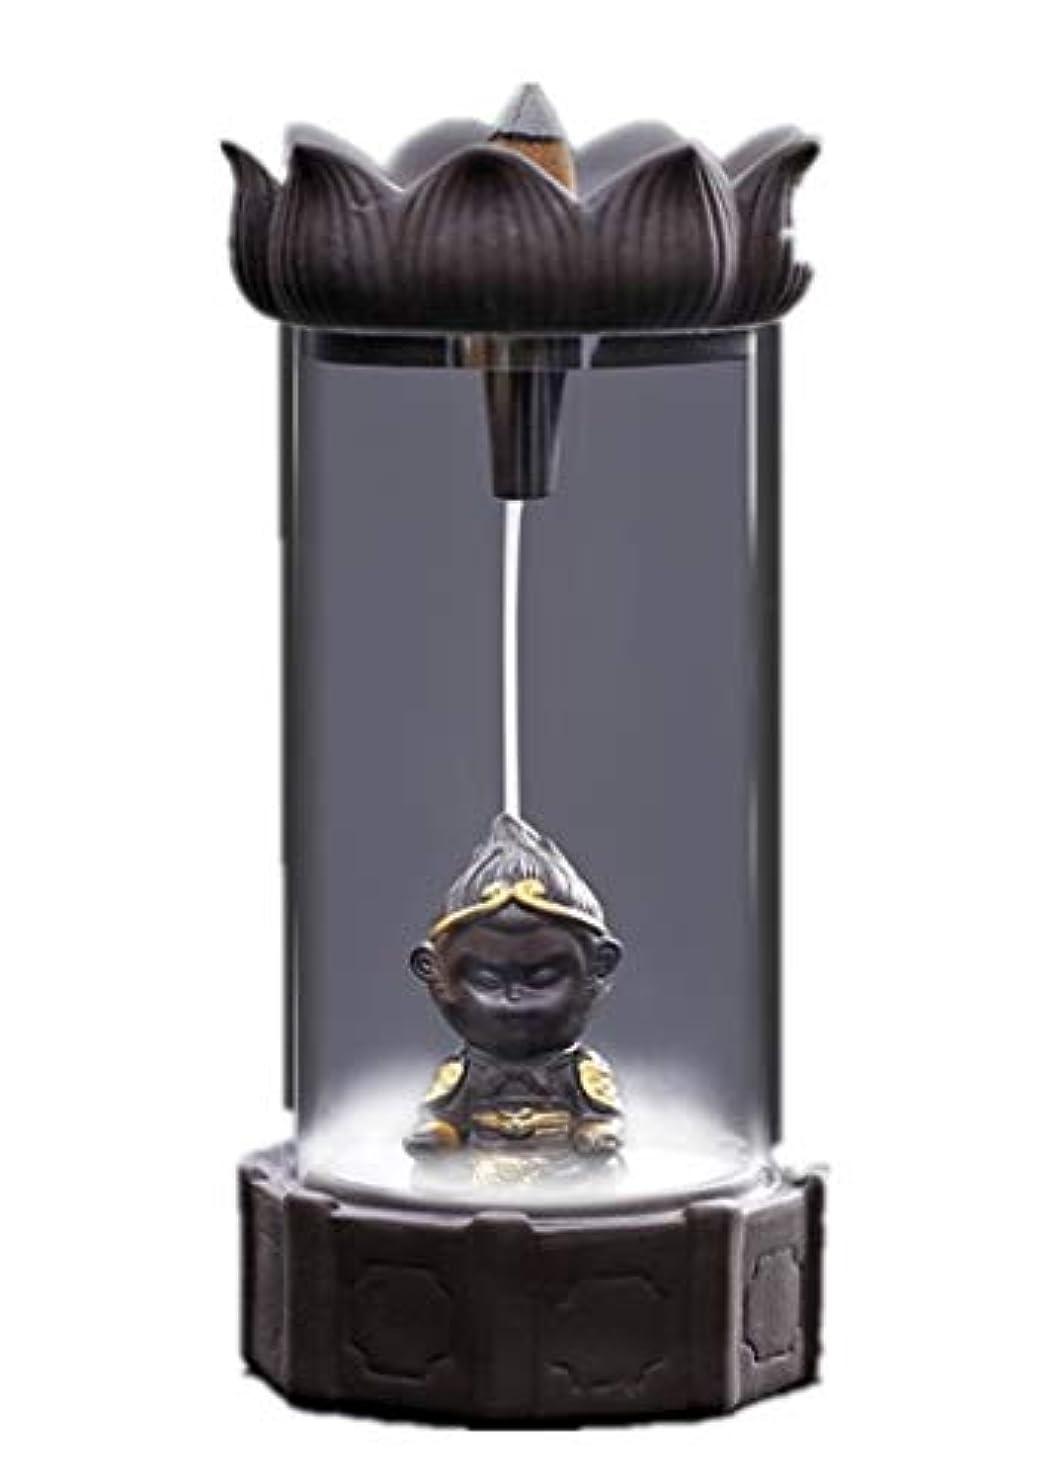 不良漁師サージXPPXPP Backflow Incense Burner, Household Ceramic Returning Cone-shaped Candlestick Burner